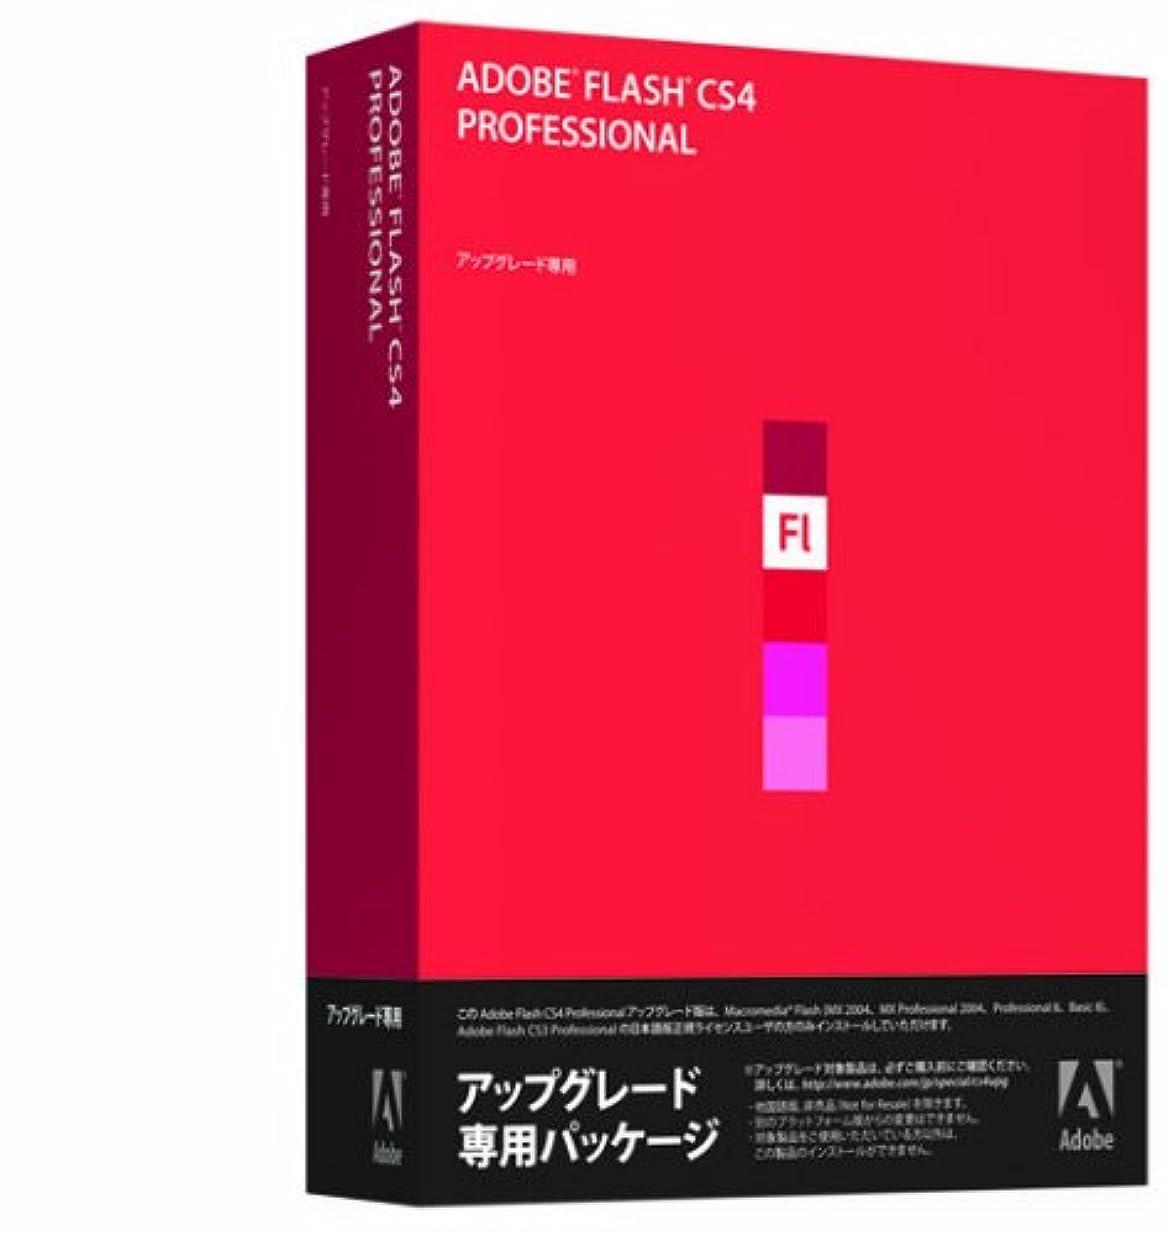 追い越す宇宙酔ったAdobe Flash CS4 Professional (V10.0) 日本語版 アップグレード版 Windows版 (旧製品)